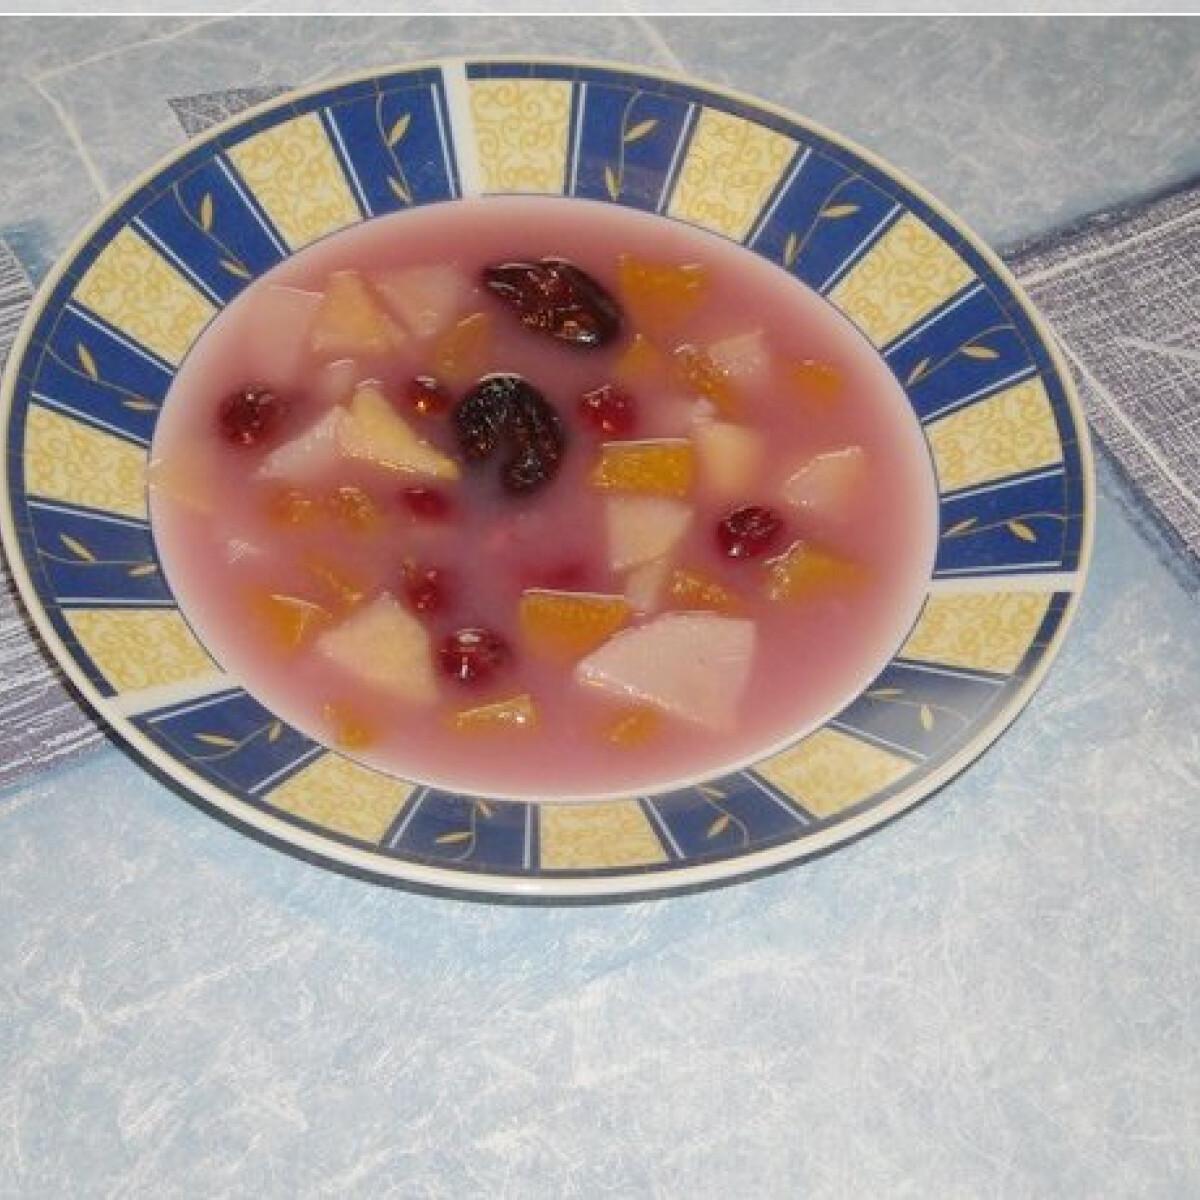 Gyümölcsleves Nikóka konyhájából